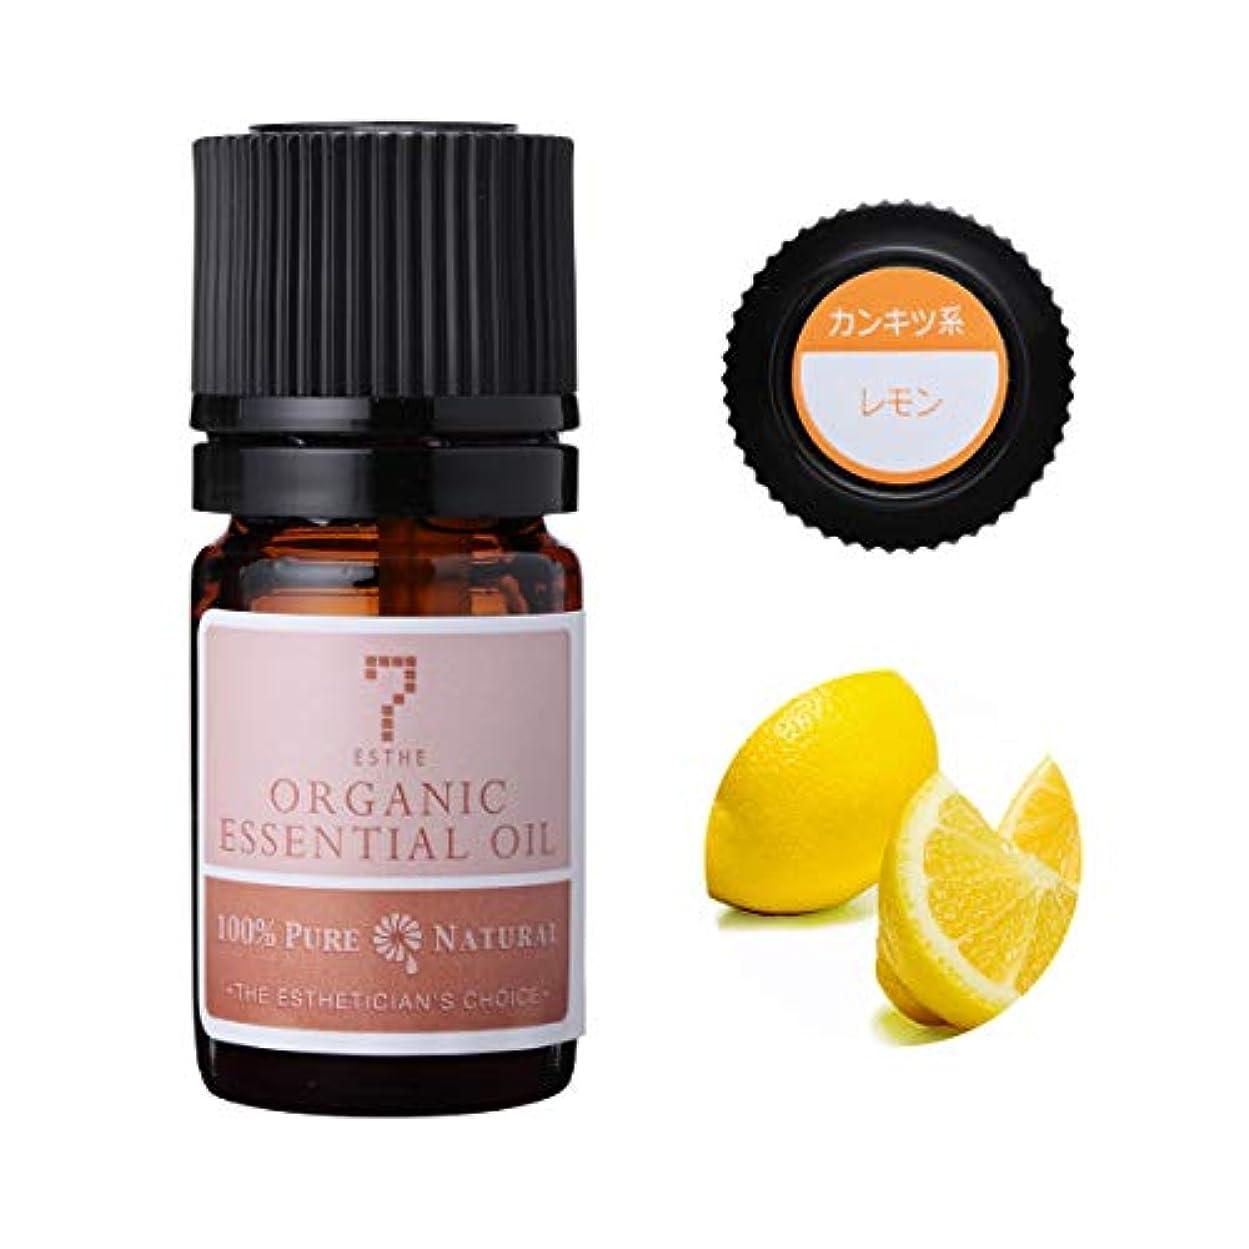 混合サーカスヘビー7エステ エッセンシャルオイル オーガニックレモン 3ml アロマオイル 精油